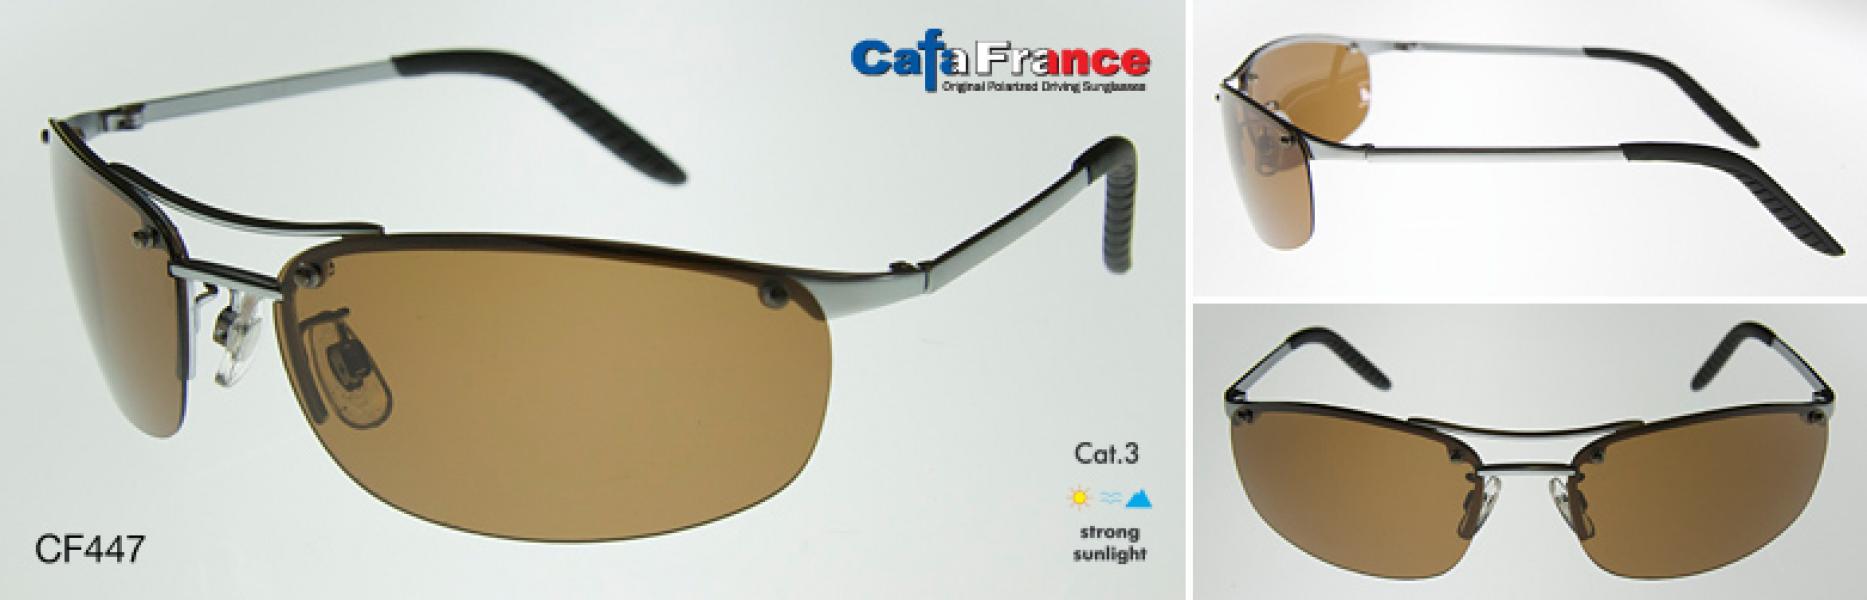 Очки поляризационные мужские Cafa France cf447